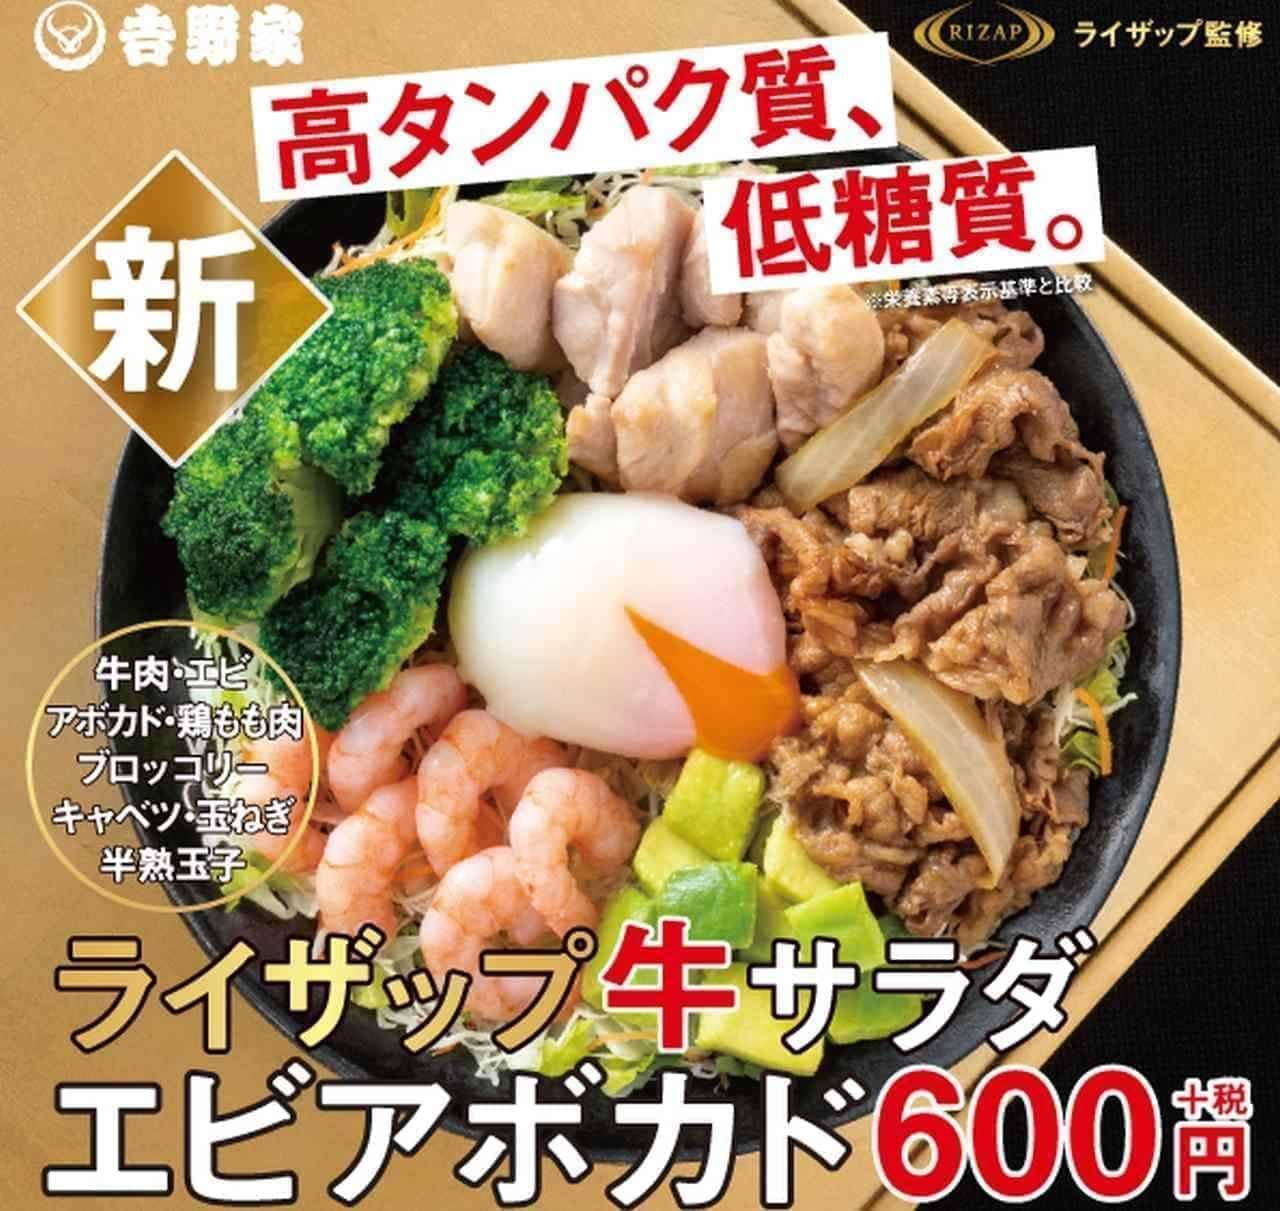 吉野家×ライザップのコラボ第2弾「ライザップ牛サラダエビアボカド」